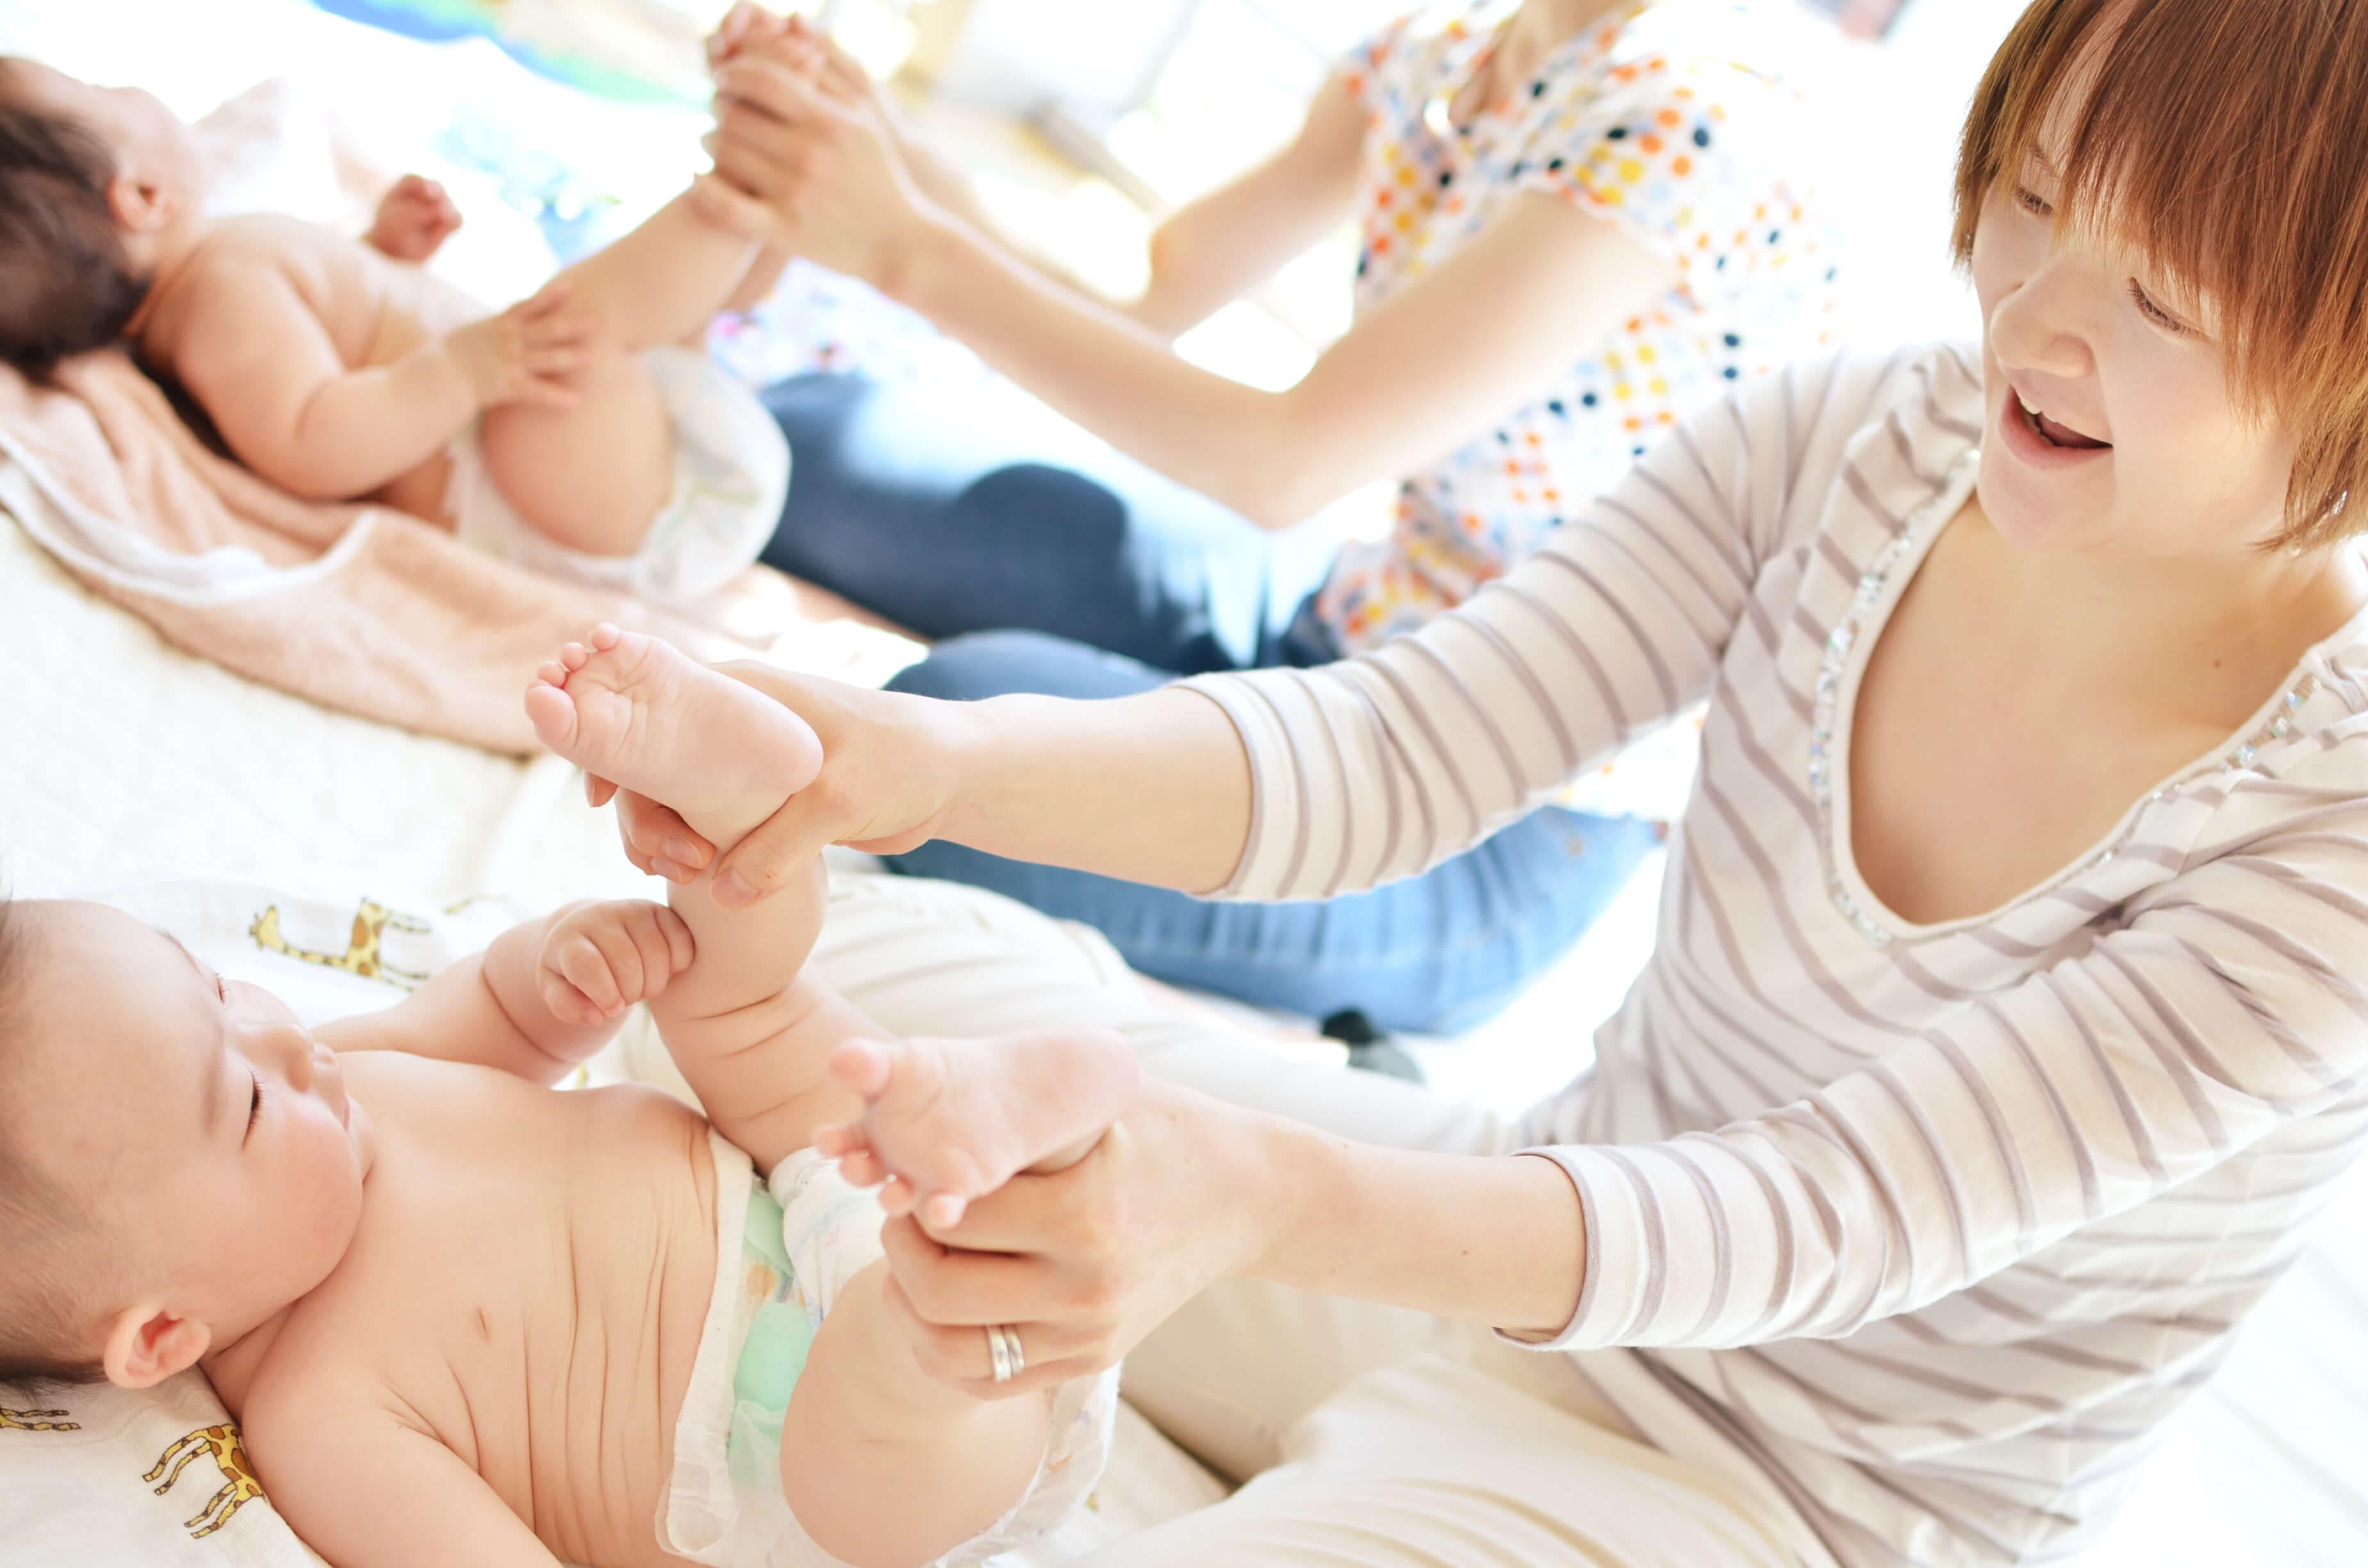 赤ちゃんの五感を刺激するベビーマッサージの効果とは